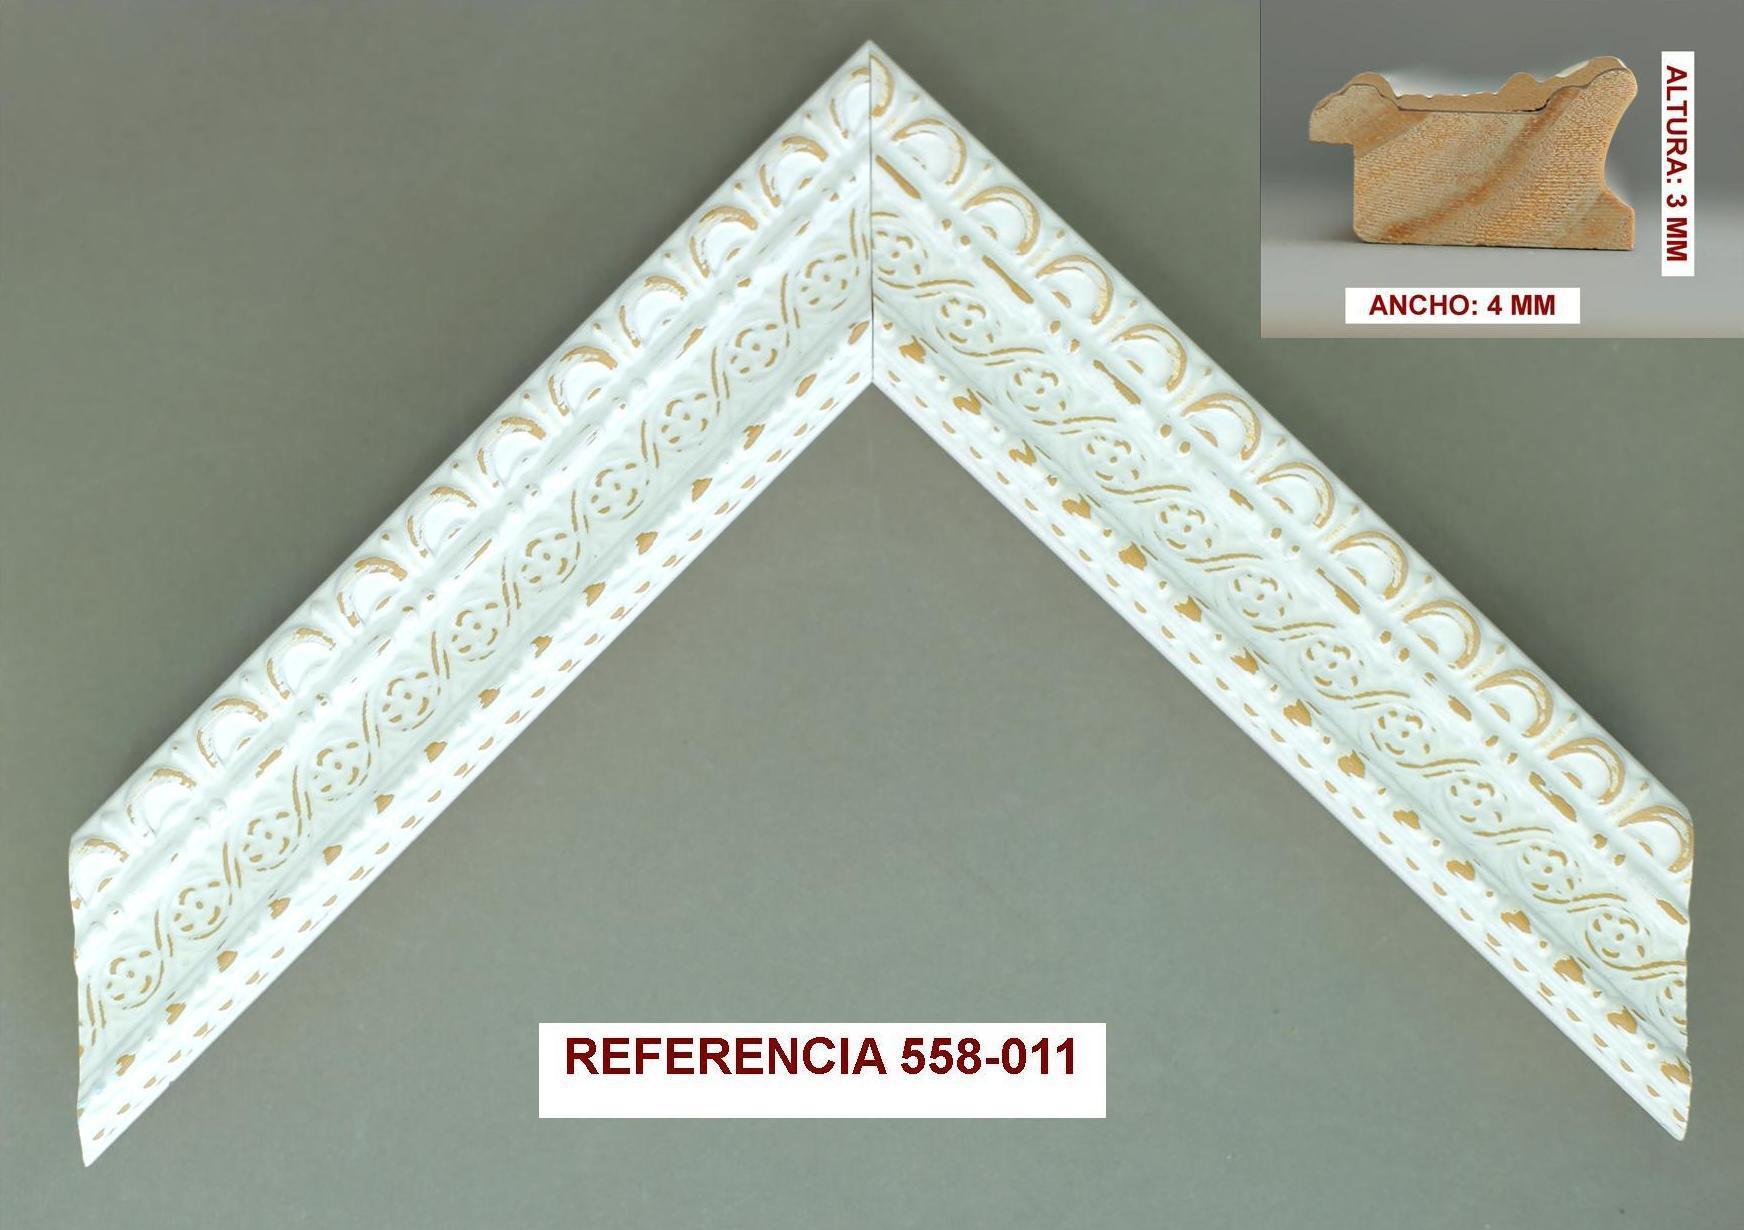 REF 558-011: Muestrario de Moldusevilla